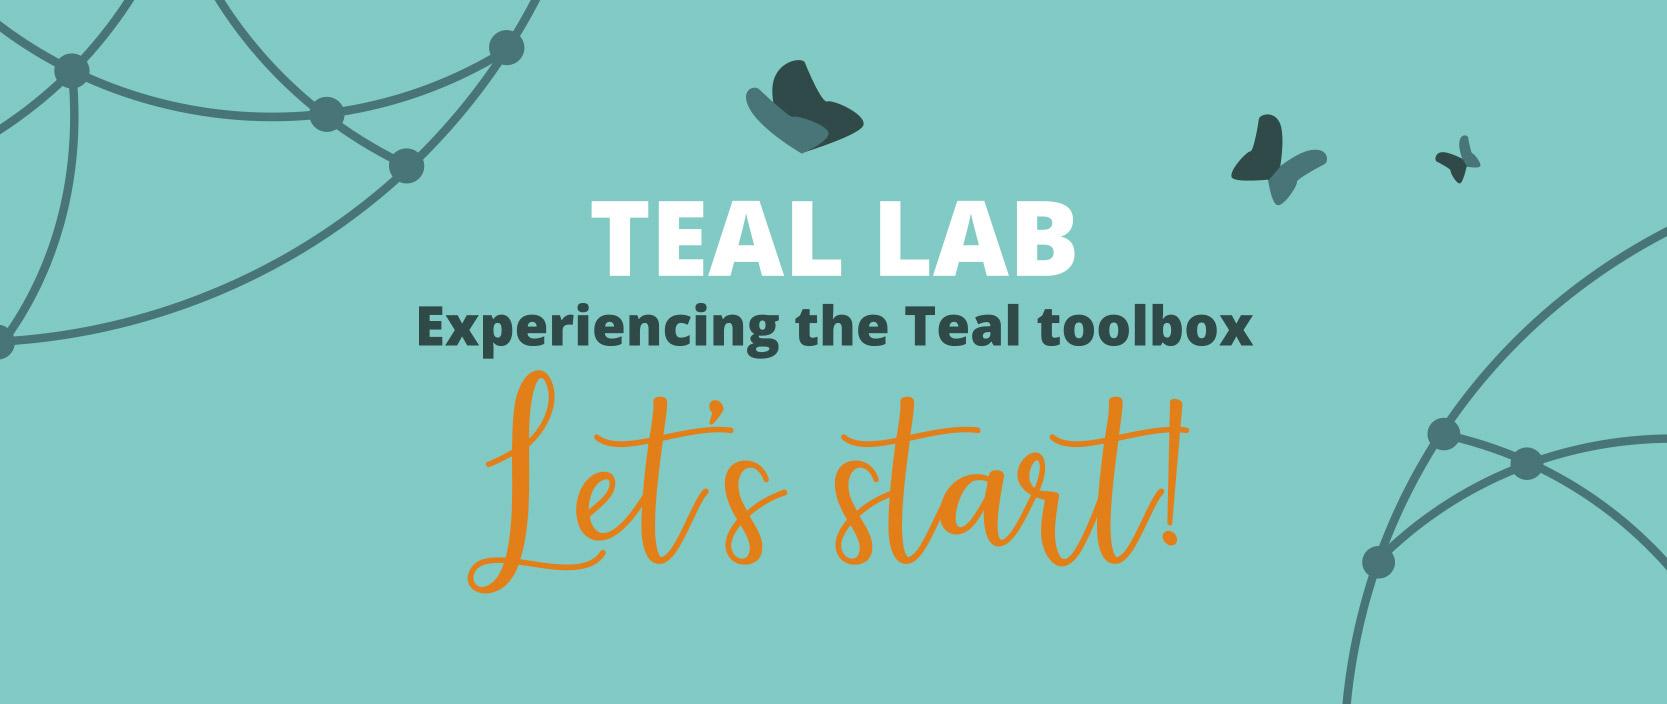 teal lab